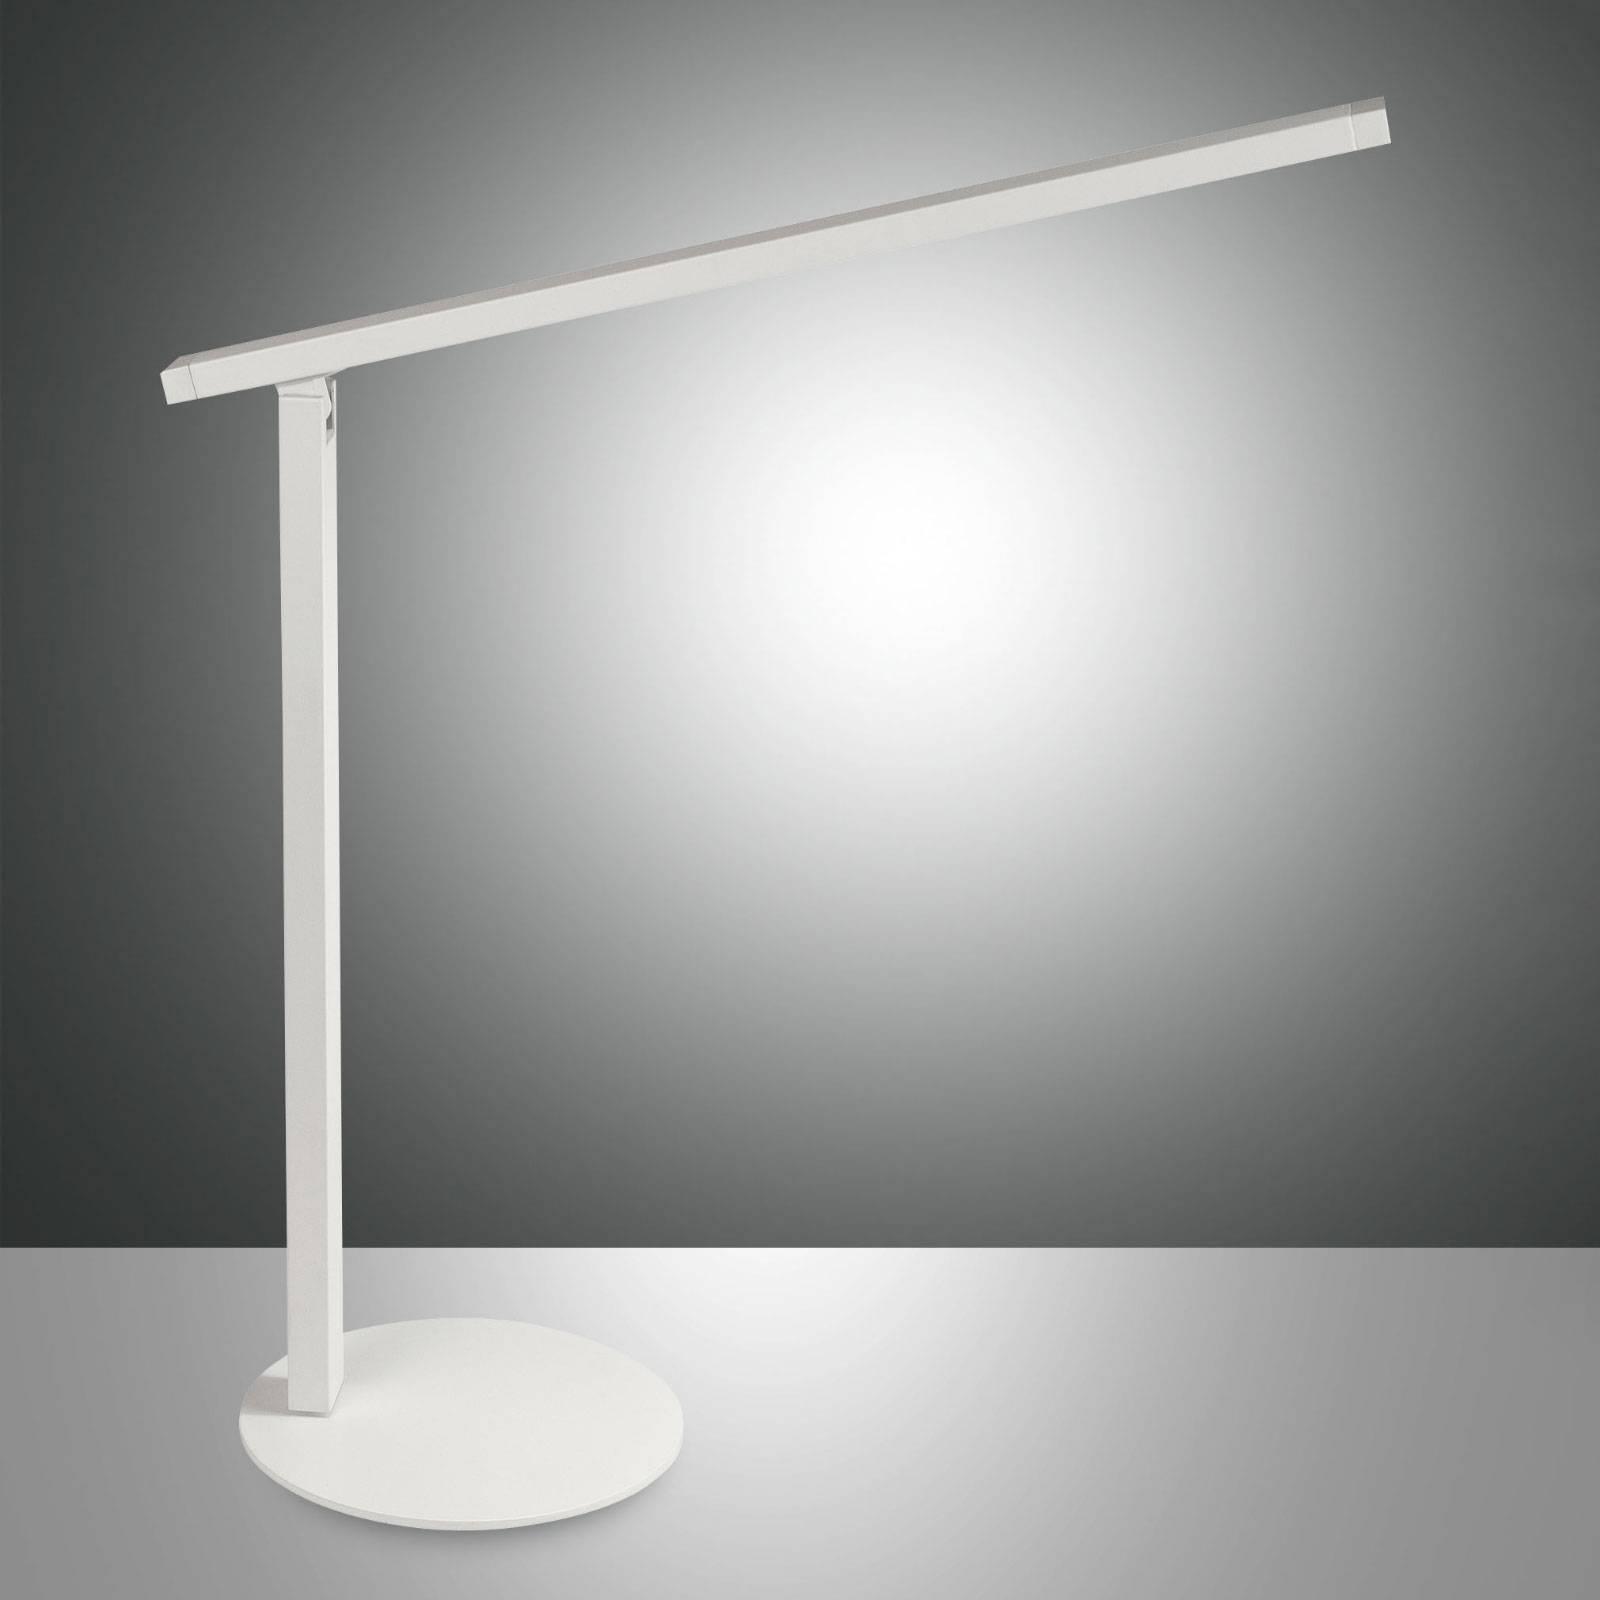 LED-työpöytälamppu Ideal himmentimellä, valkoinen